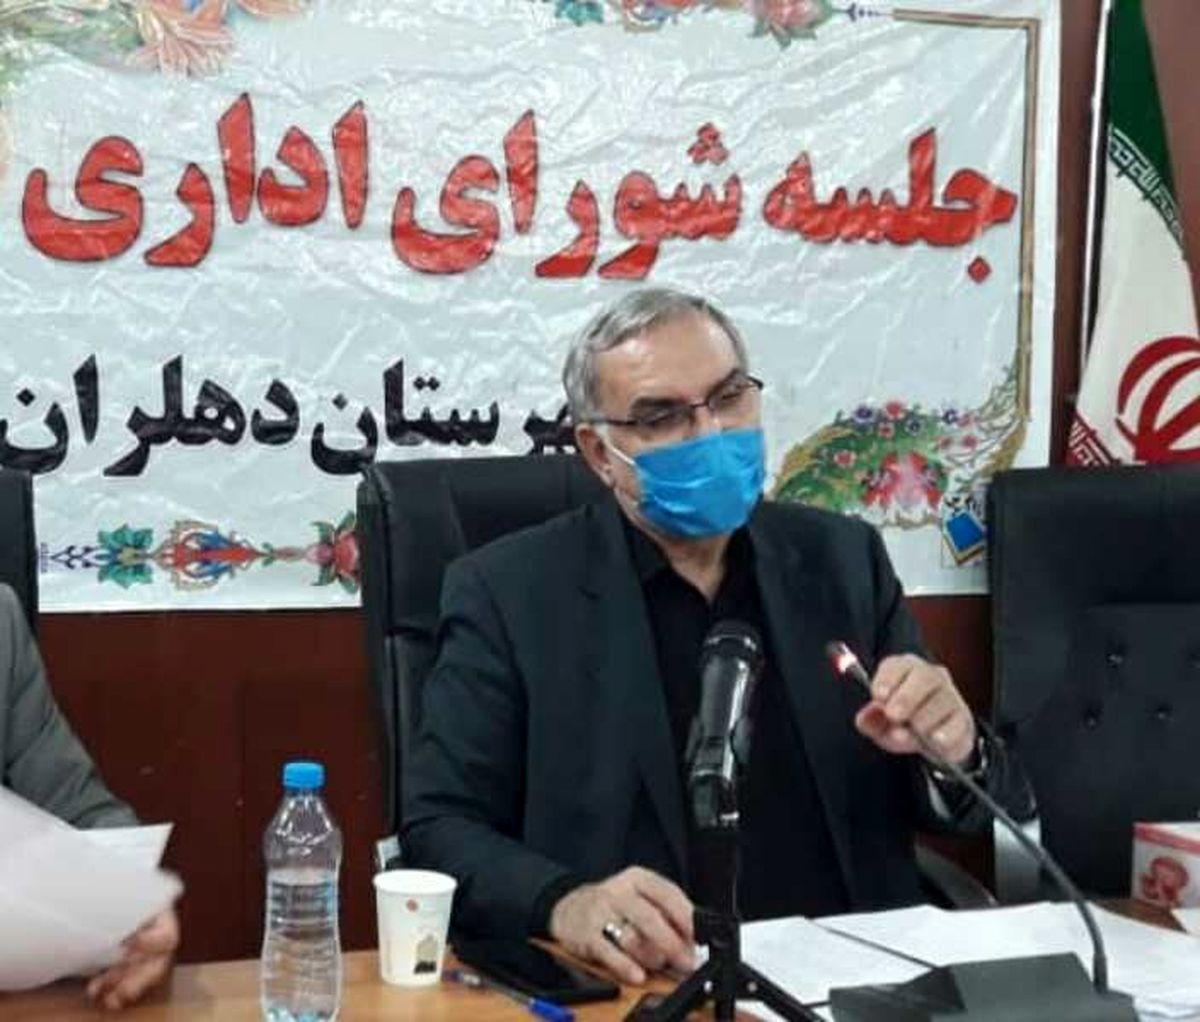 دولت عقب ماندگی چندماه گذشته واکسیناسیون را جبران کرد